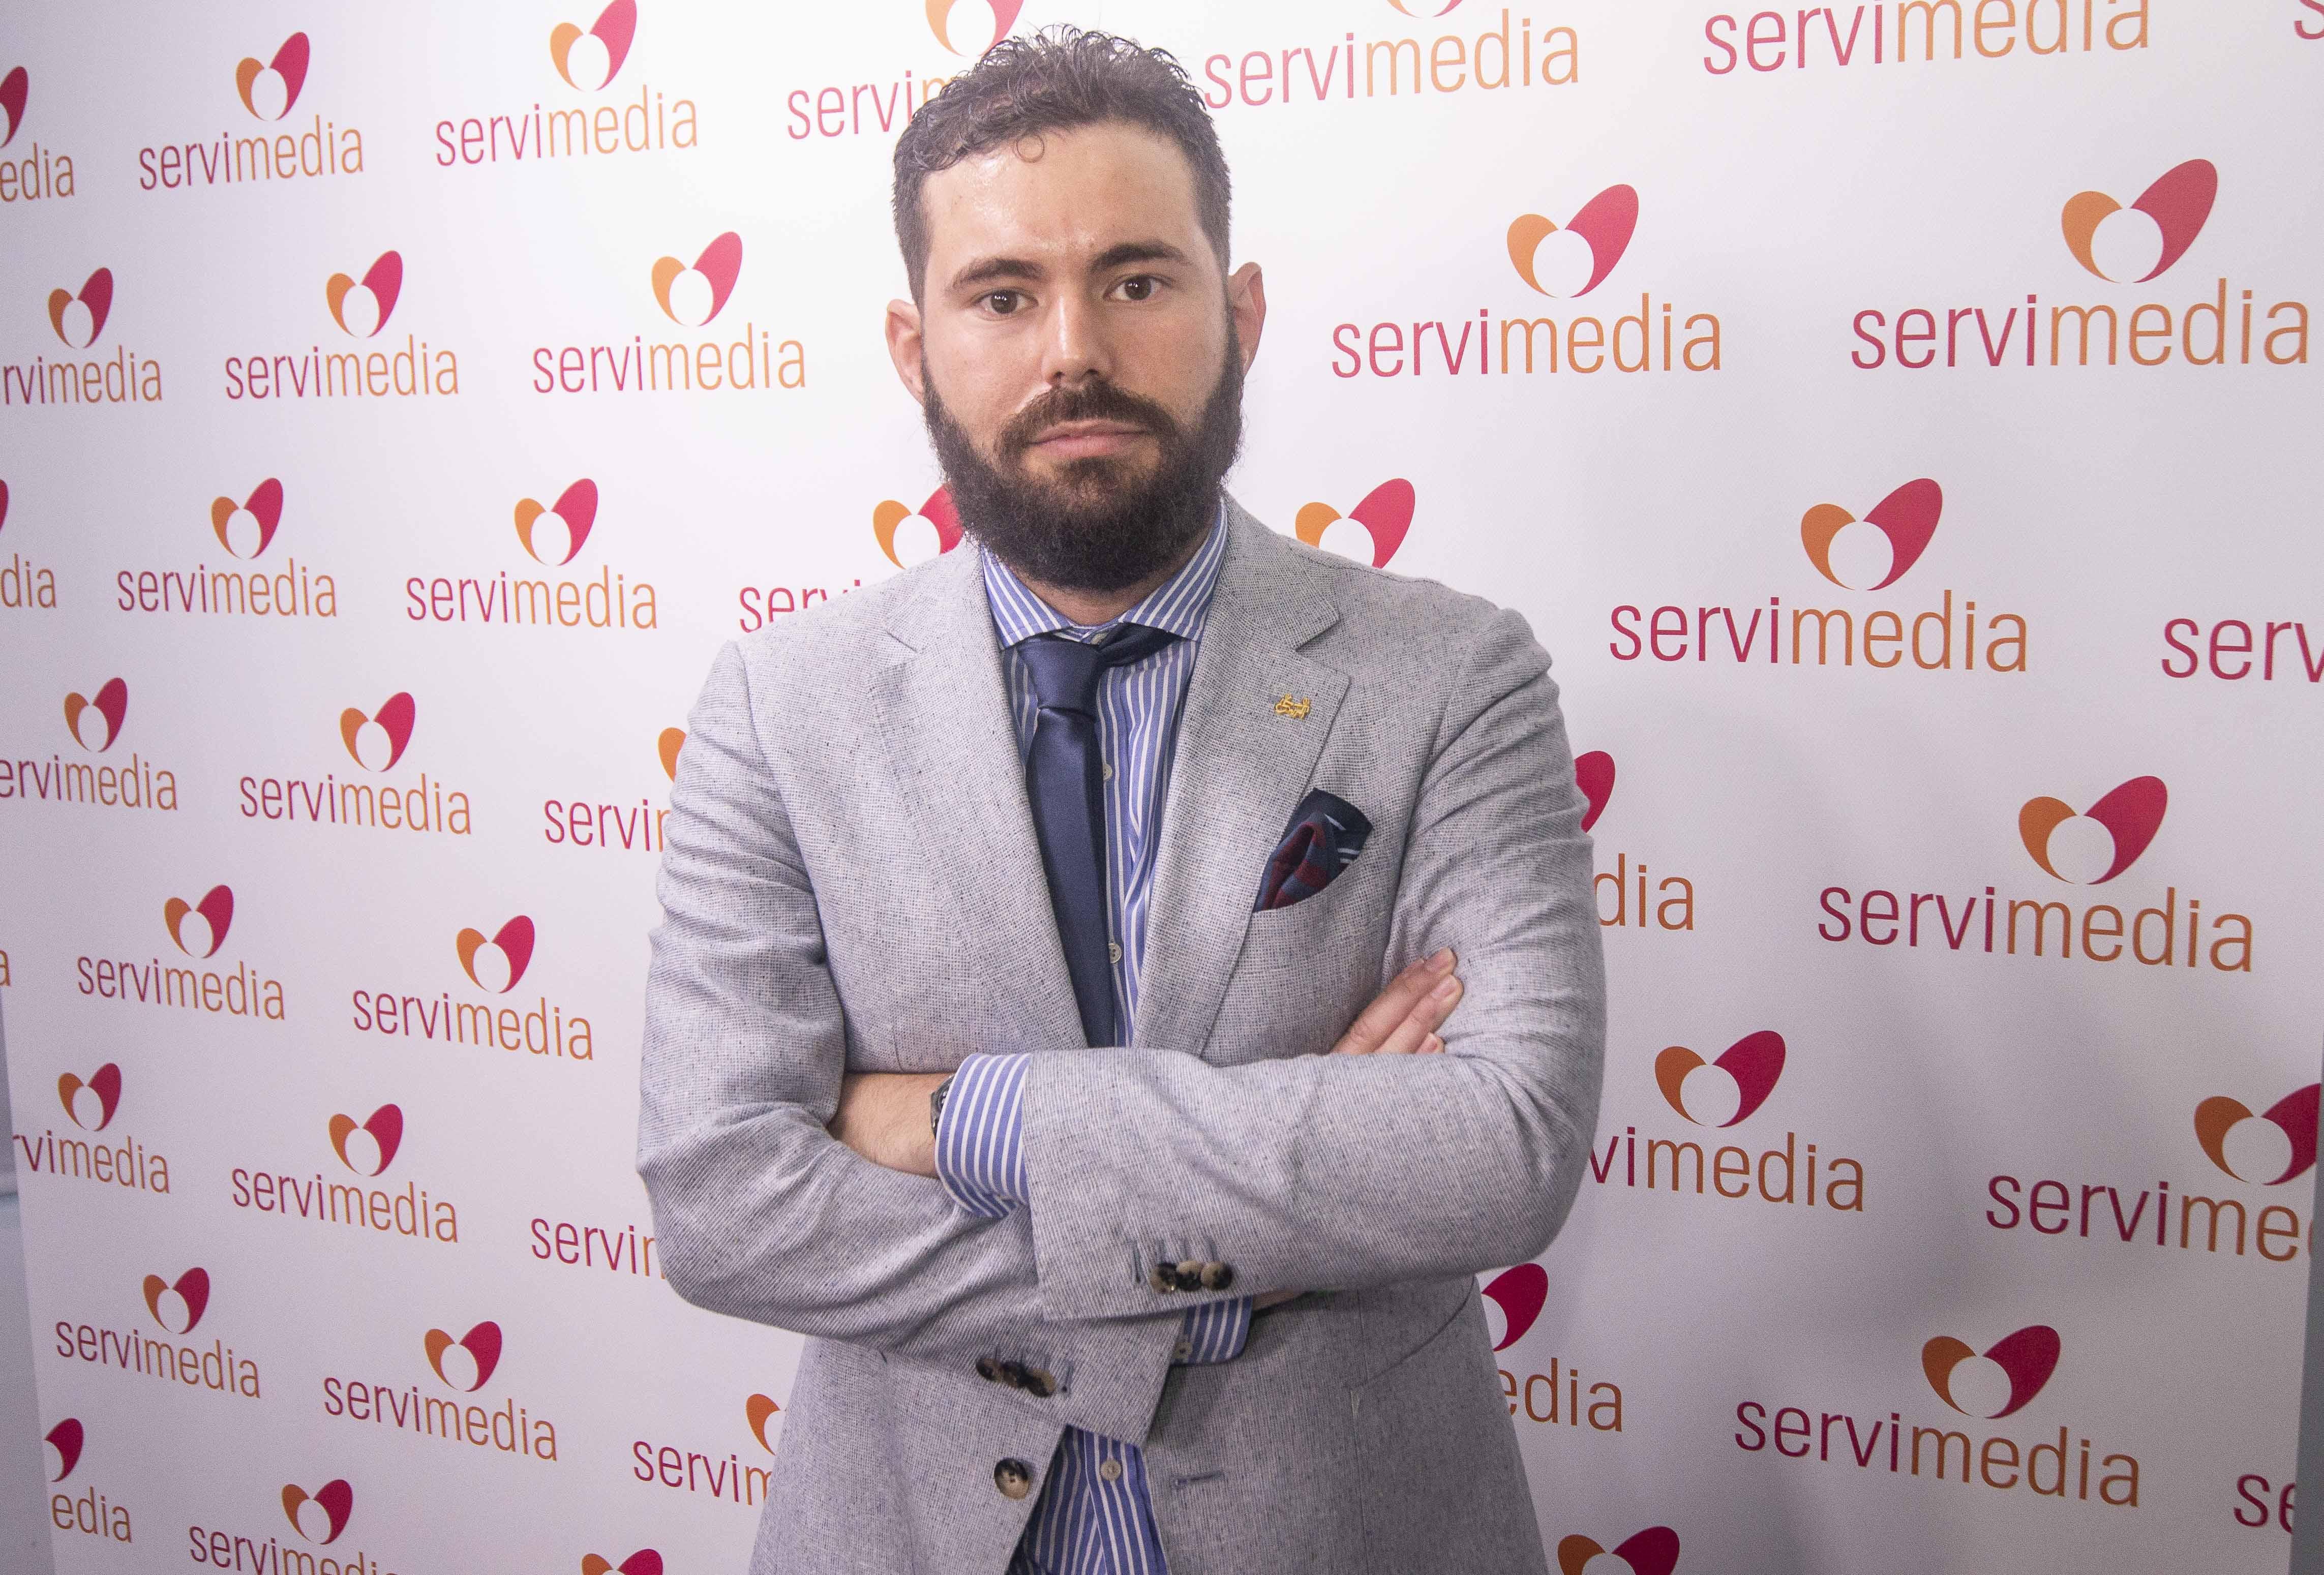 Daniel-Aníbal García, entrevistado en Servimedia.